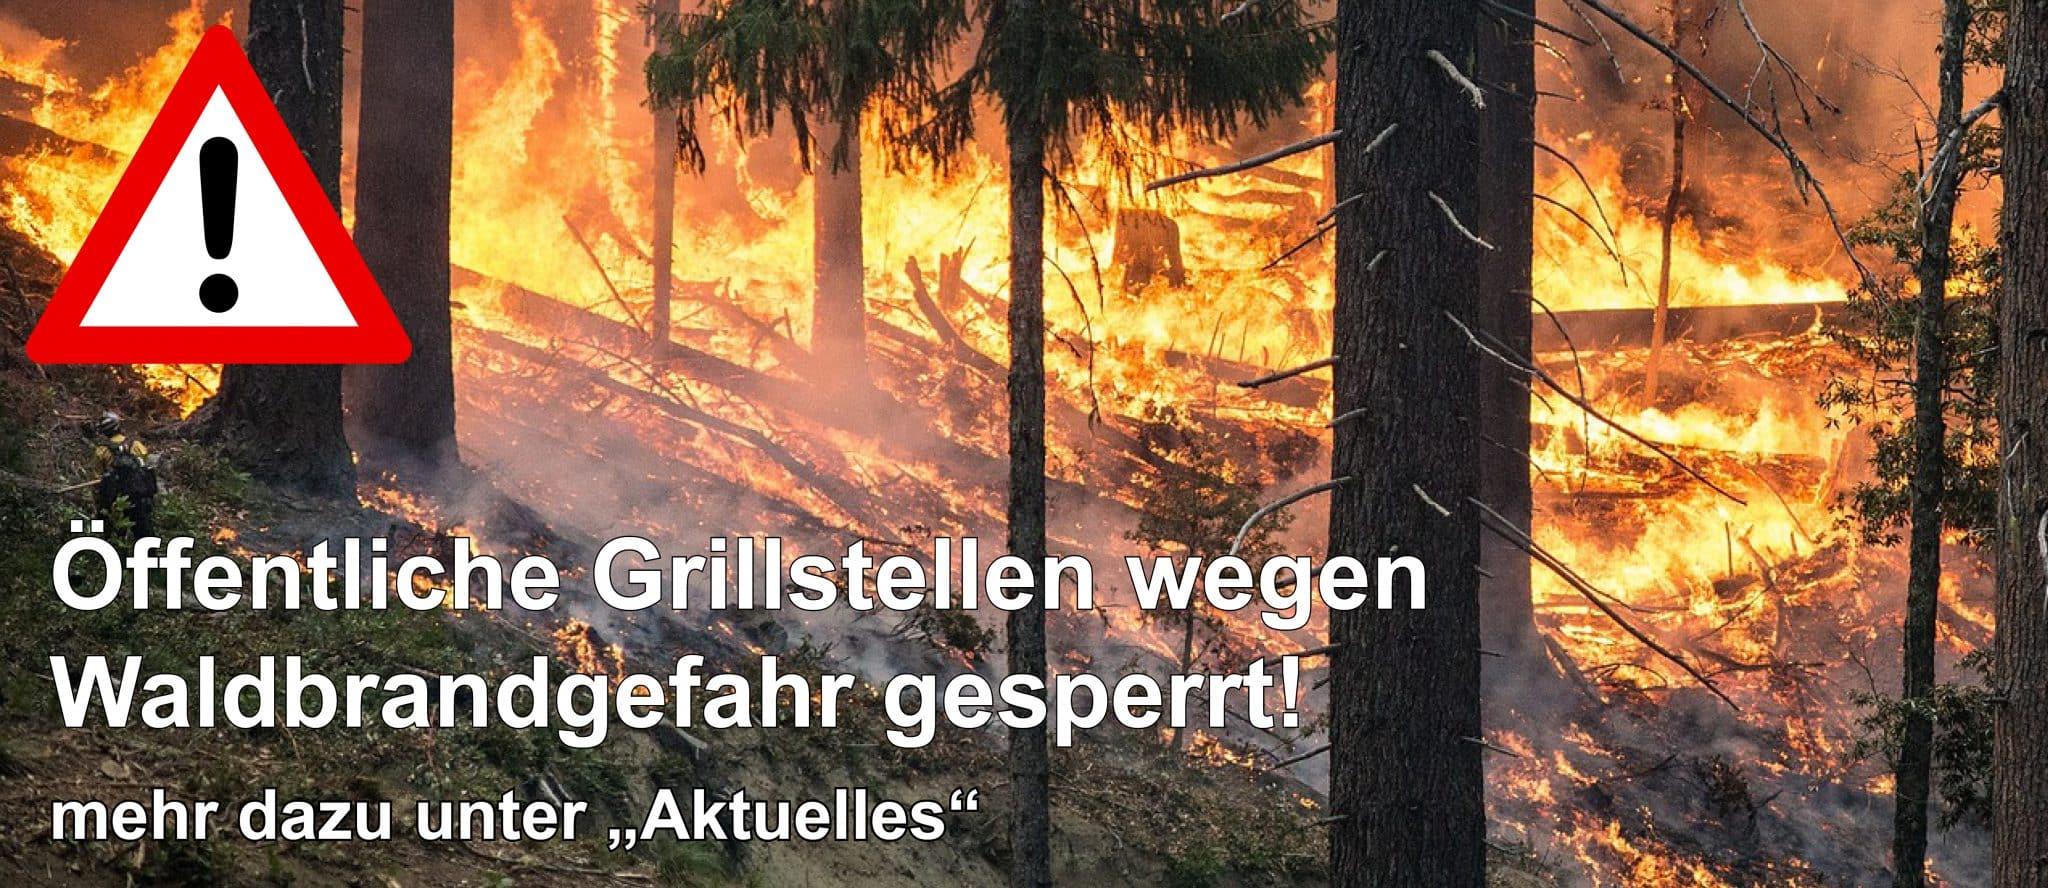 Titel_Waldbrand